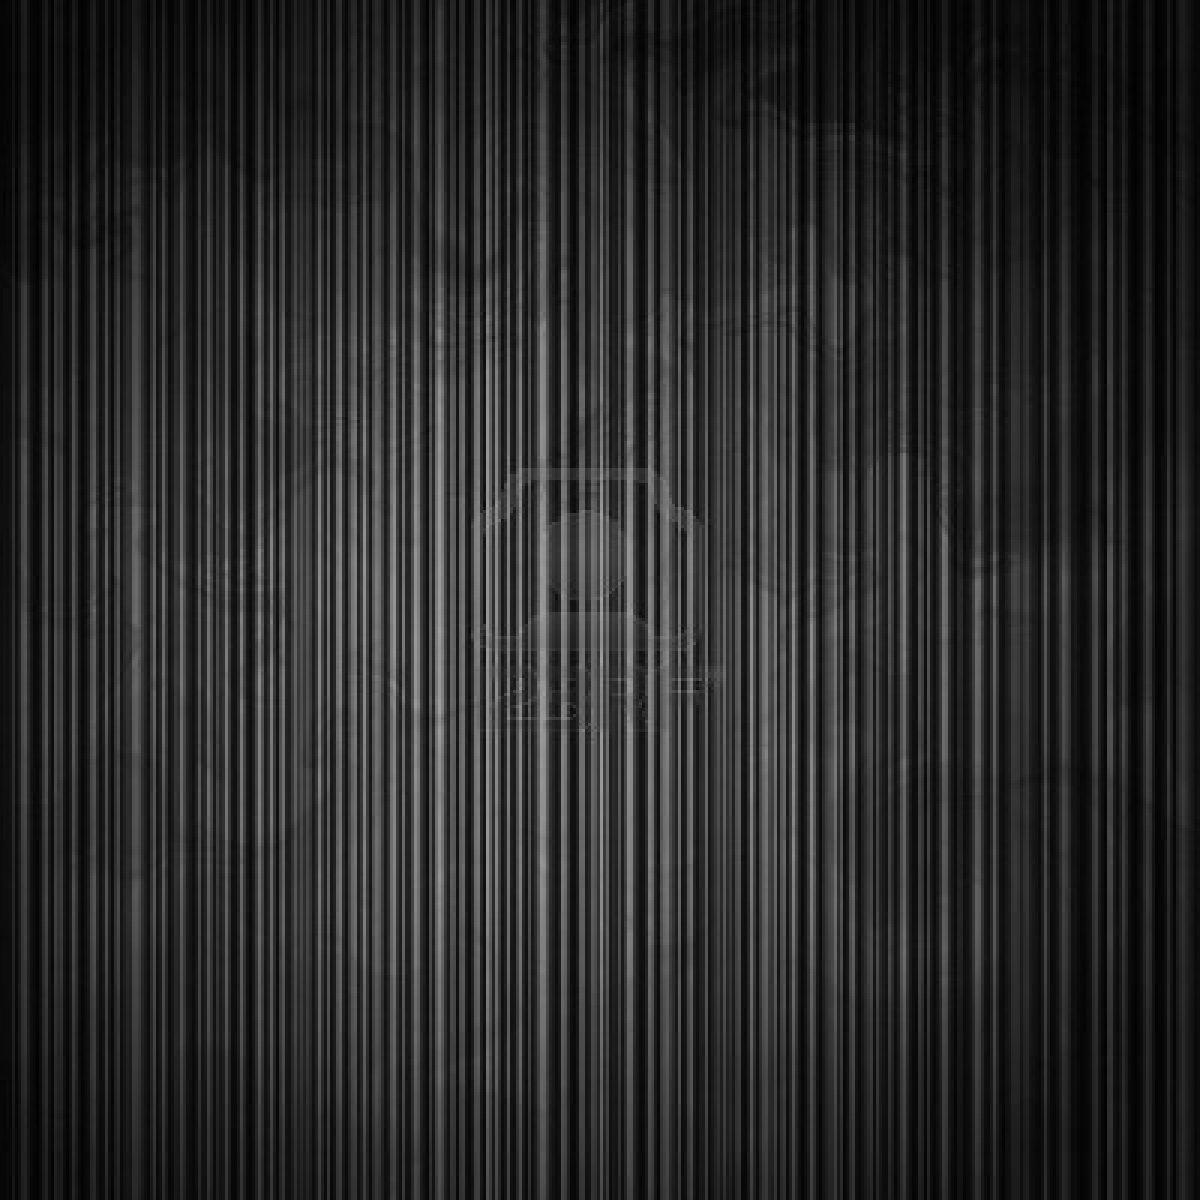 Black Background Wallpaper صور خلفيات سوداء بجودة Hd جميلة وكبيرة للتصميمات ميكساتك